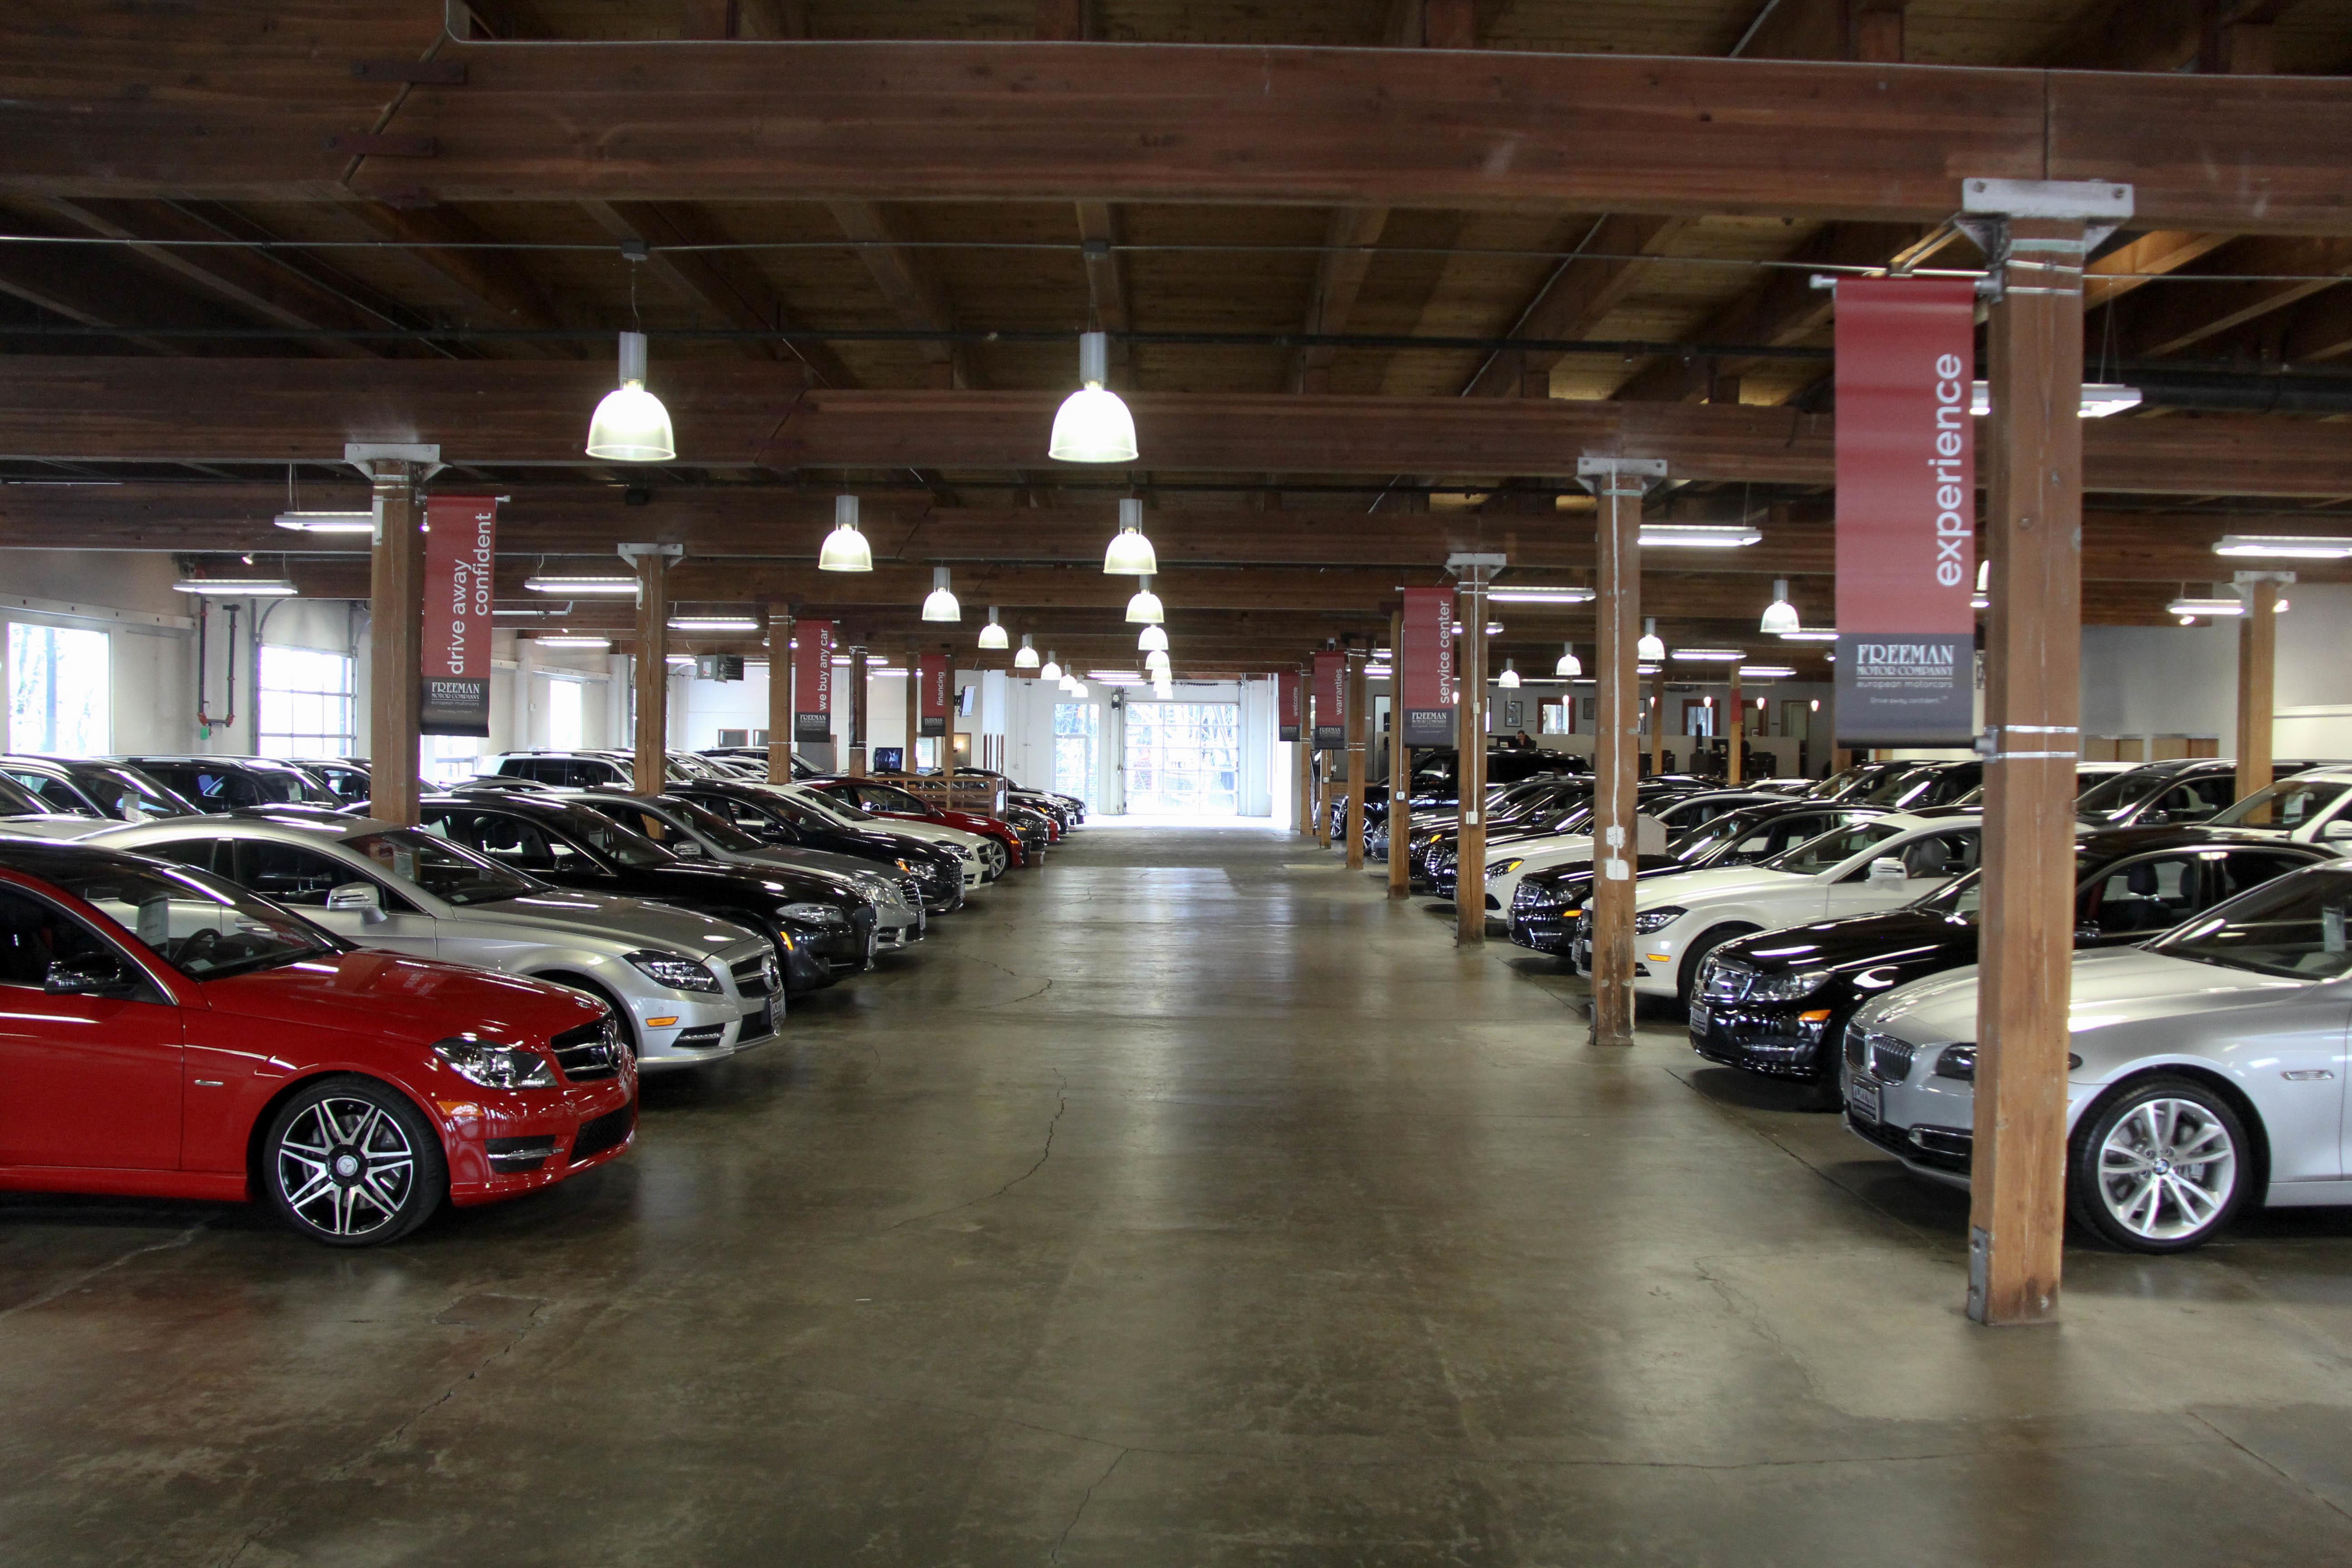 freeman motor showroom used car dealers portland oregon. Black Bedroom Furniture Sets. Home Design Ideas